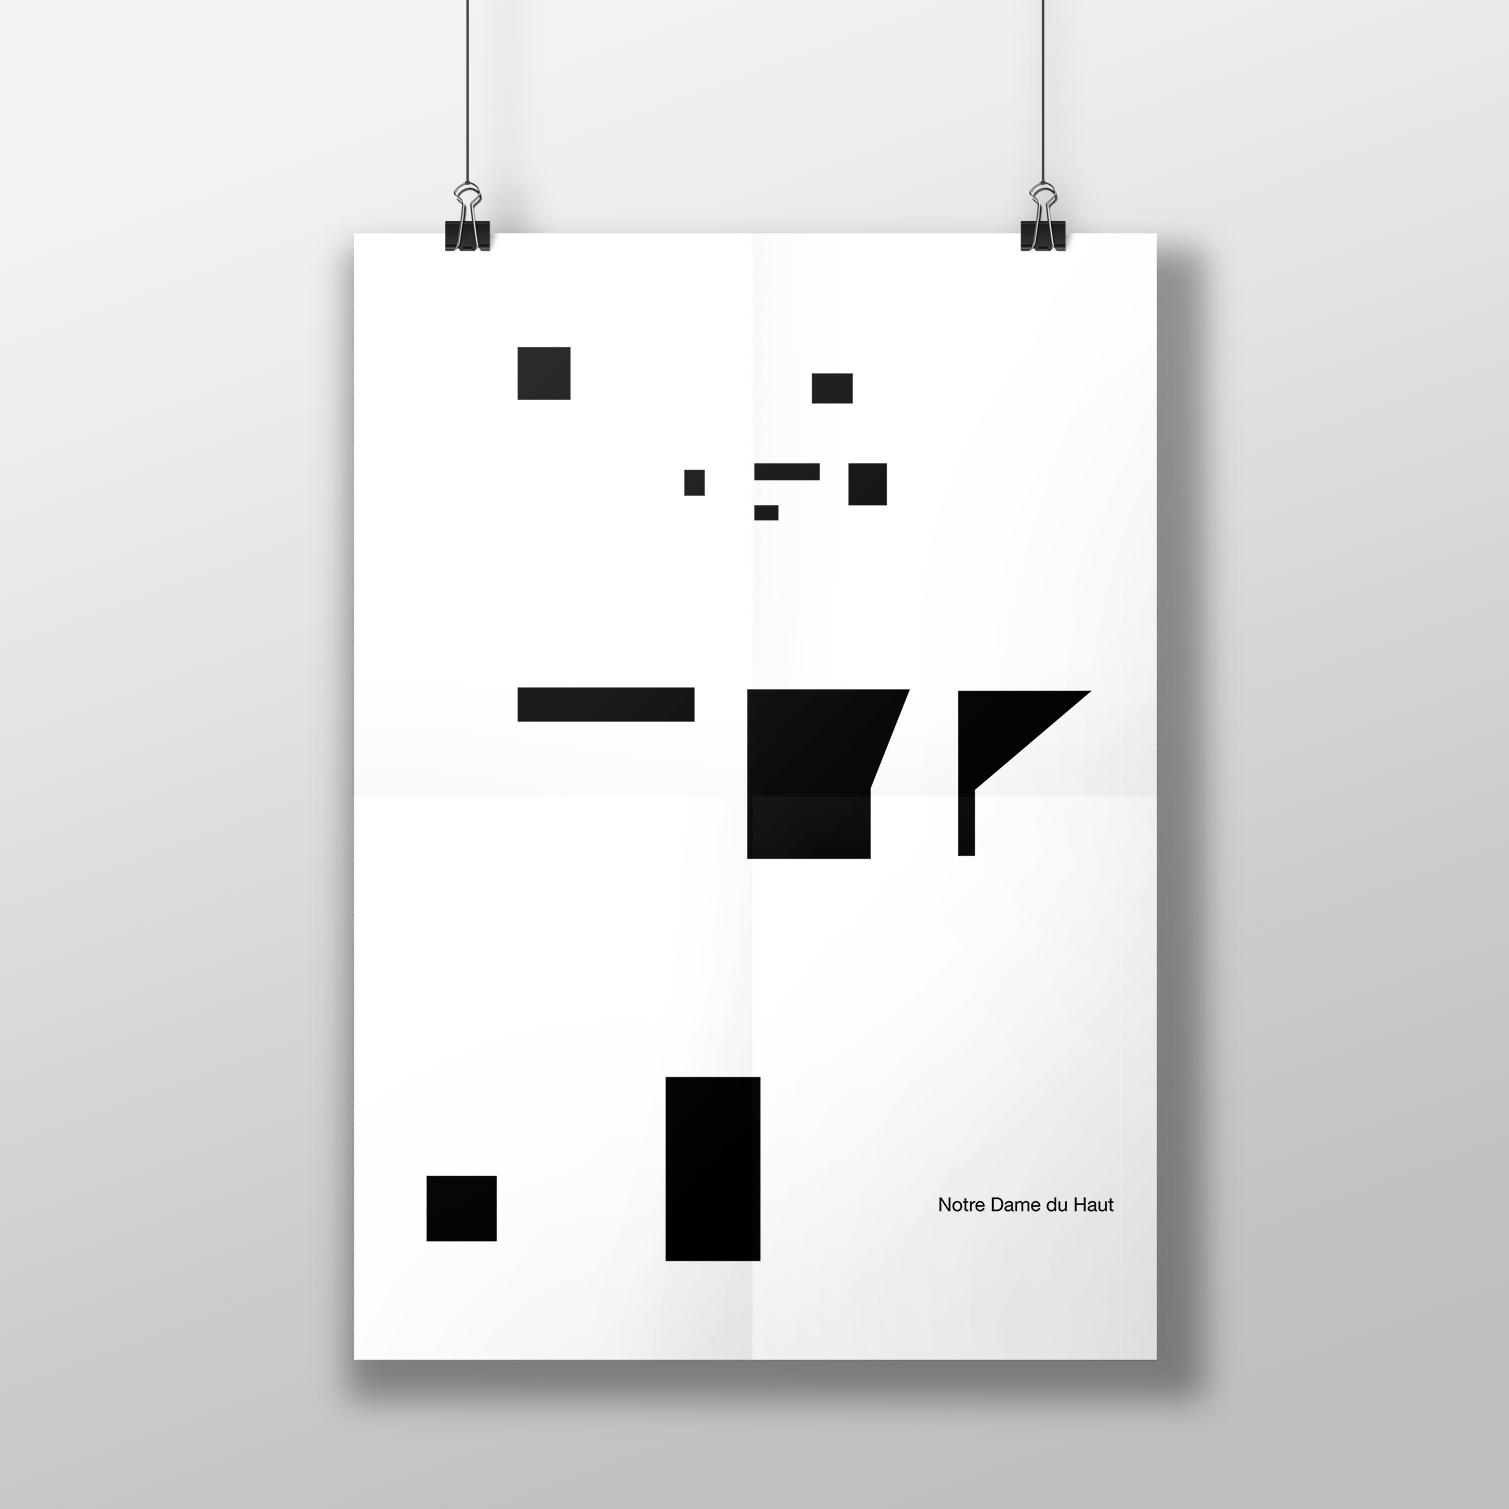 arch_it piotr zybura architecture poster nitre dame du haut